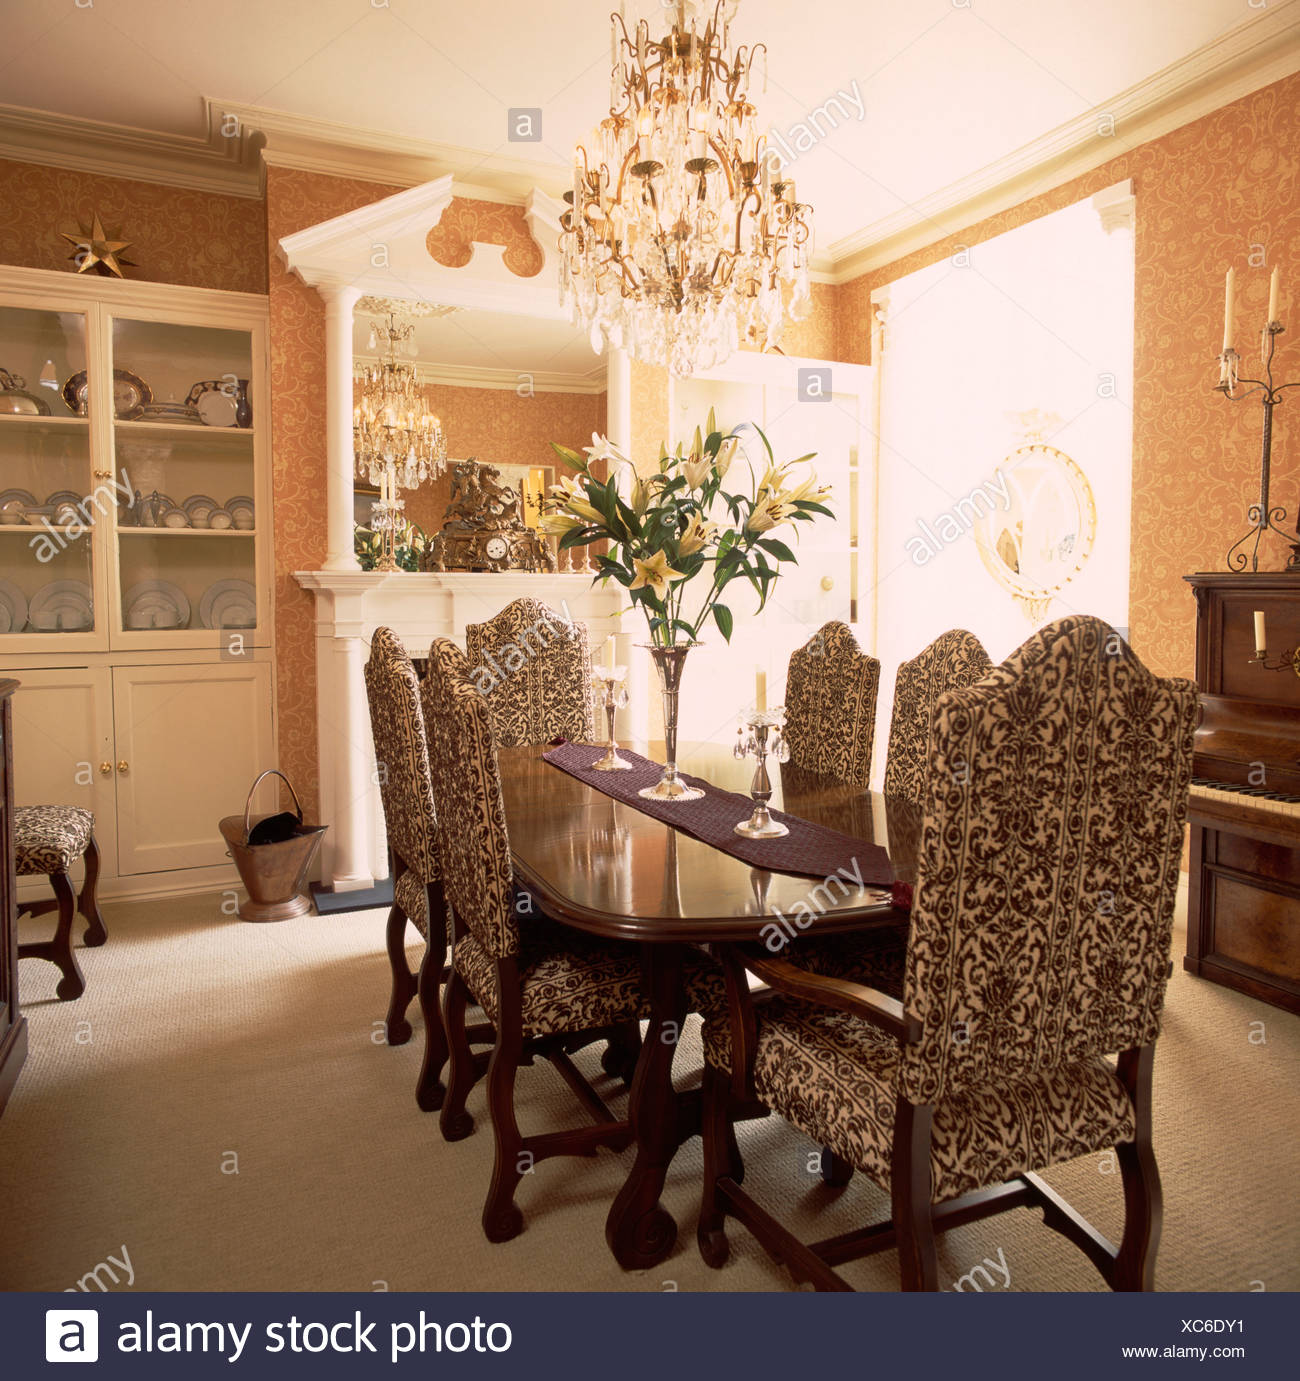 Tapisserie chandelier de chaises rembourr es et table en Papier peint pour salon et salle a manger